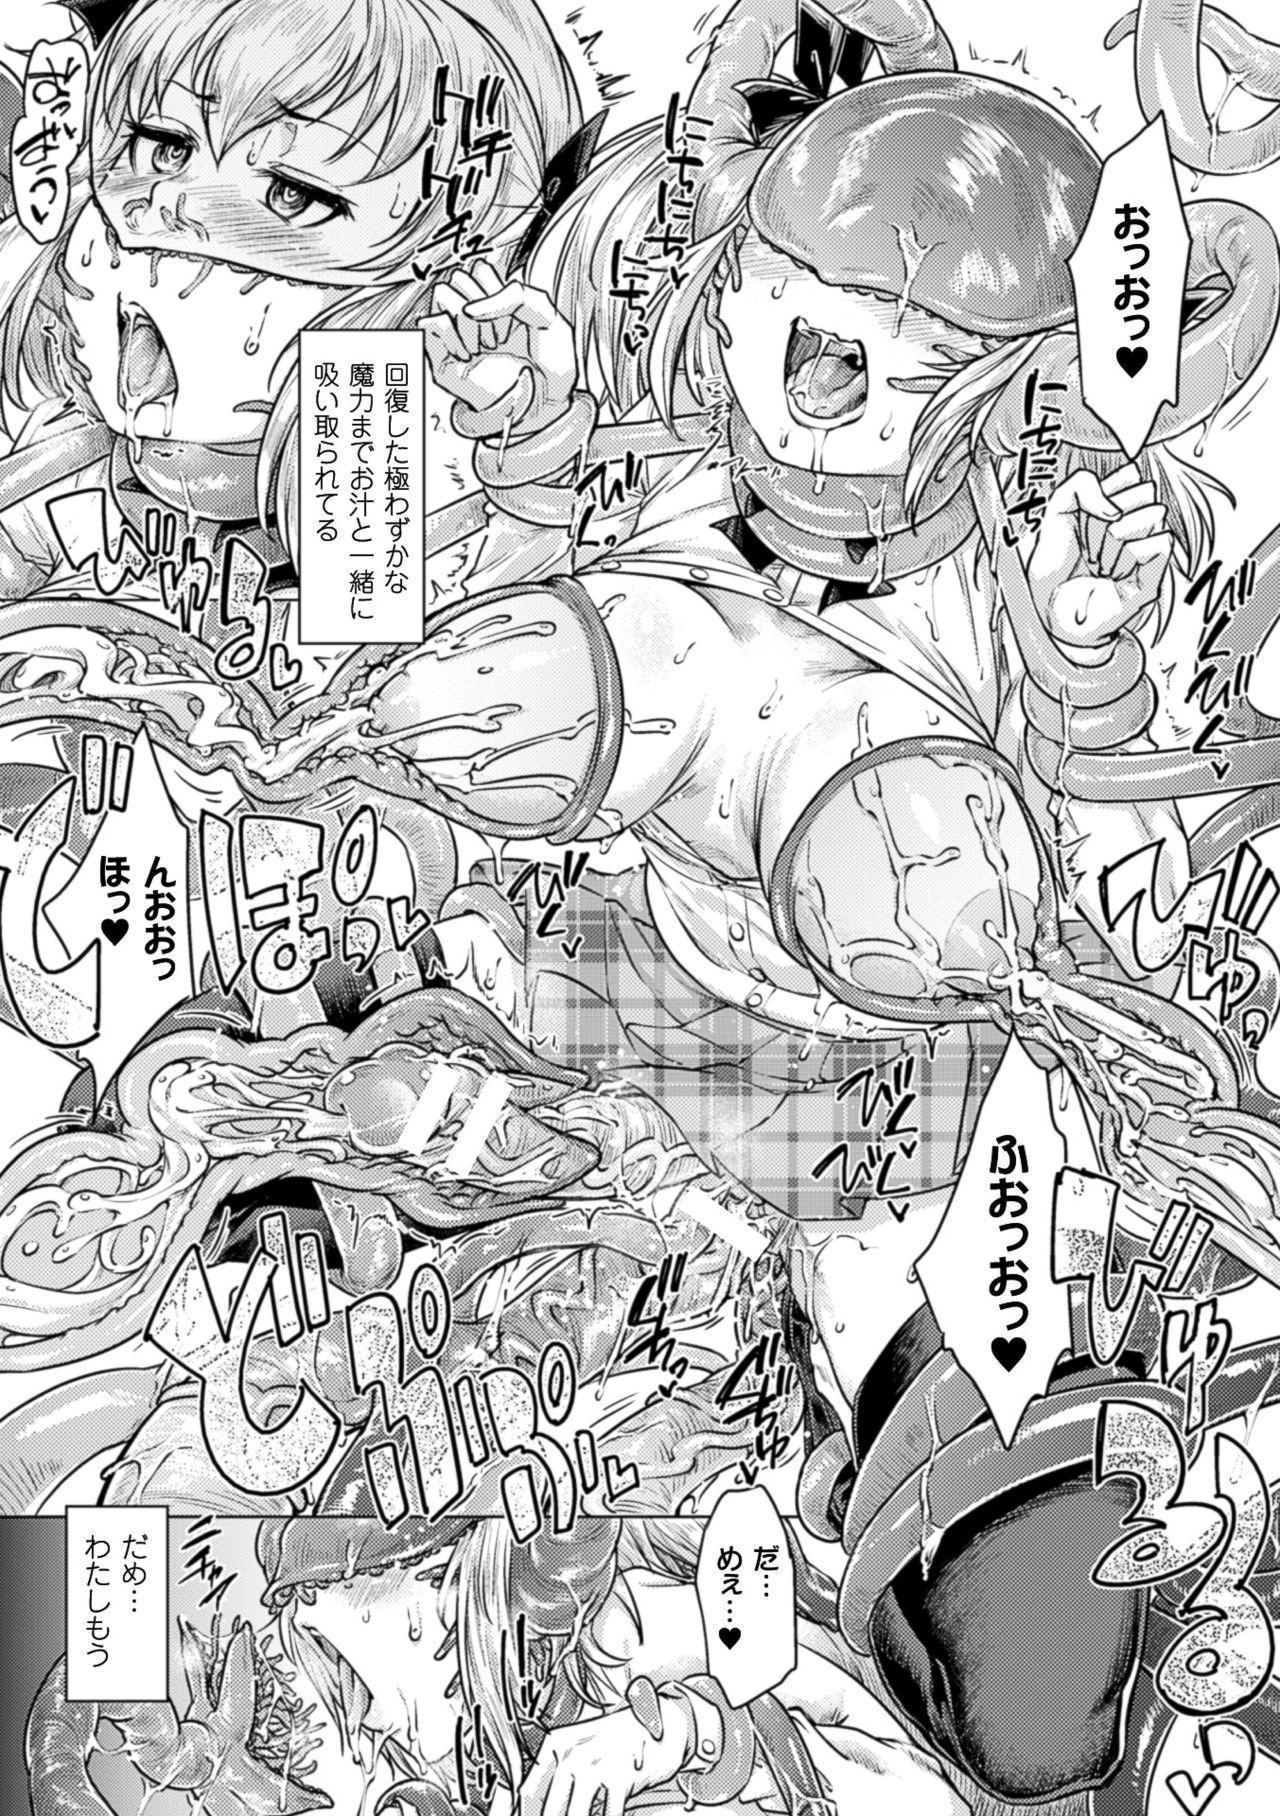 2D Comic Magazine Energy Kyuushuu Sarete Haiboku Shite Shimau Heroine-tachi Vol. 4 62